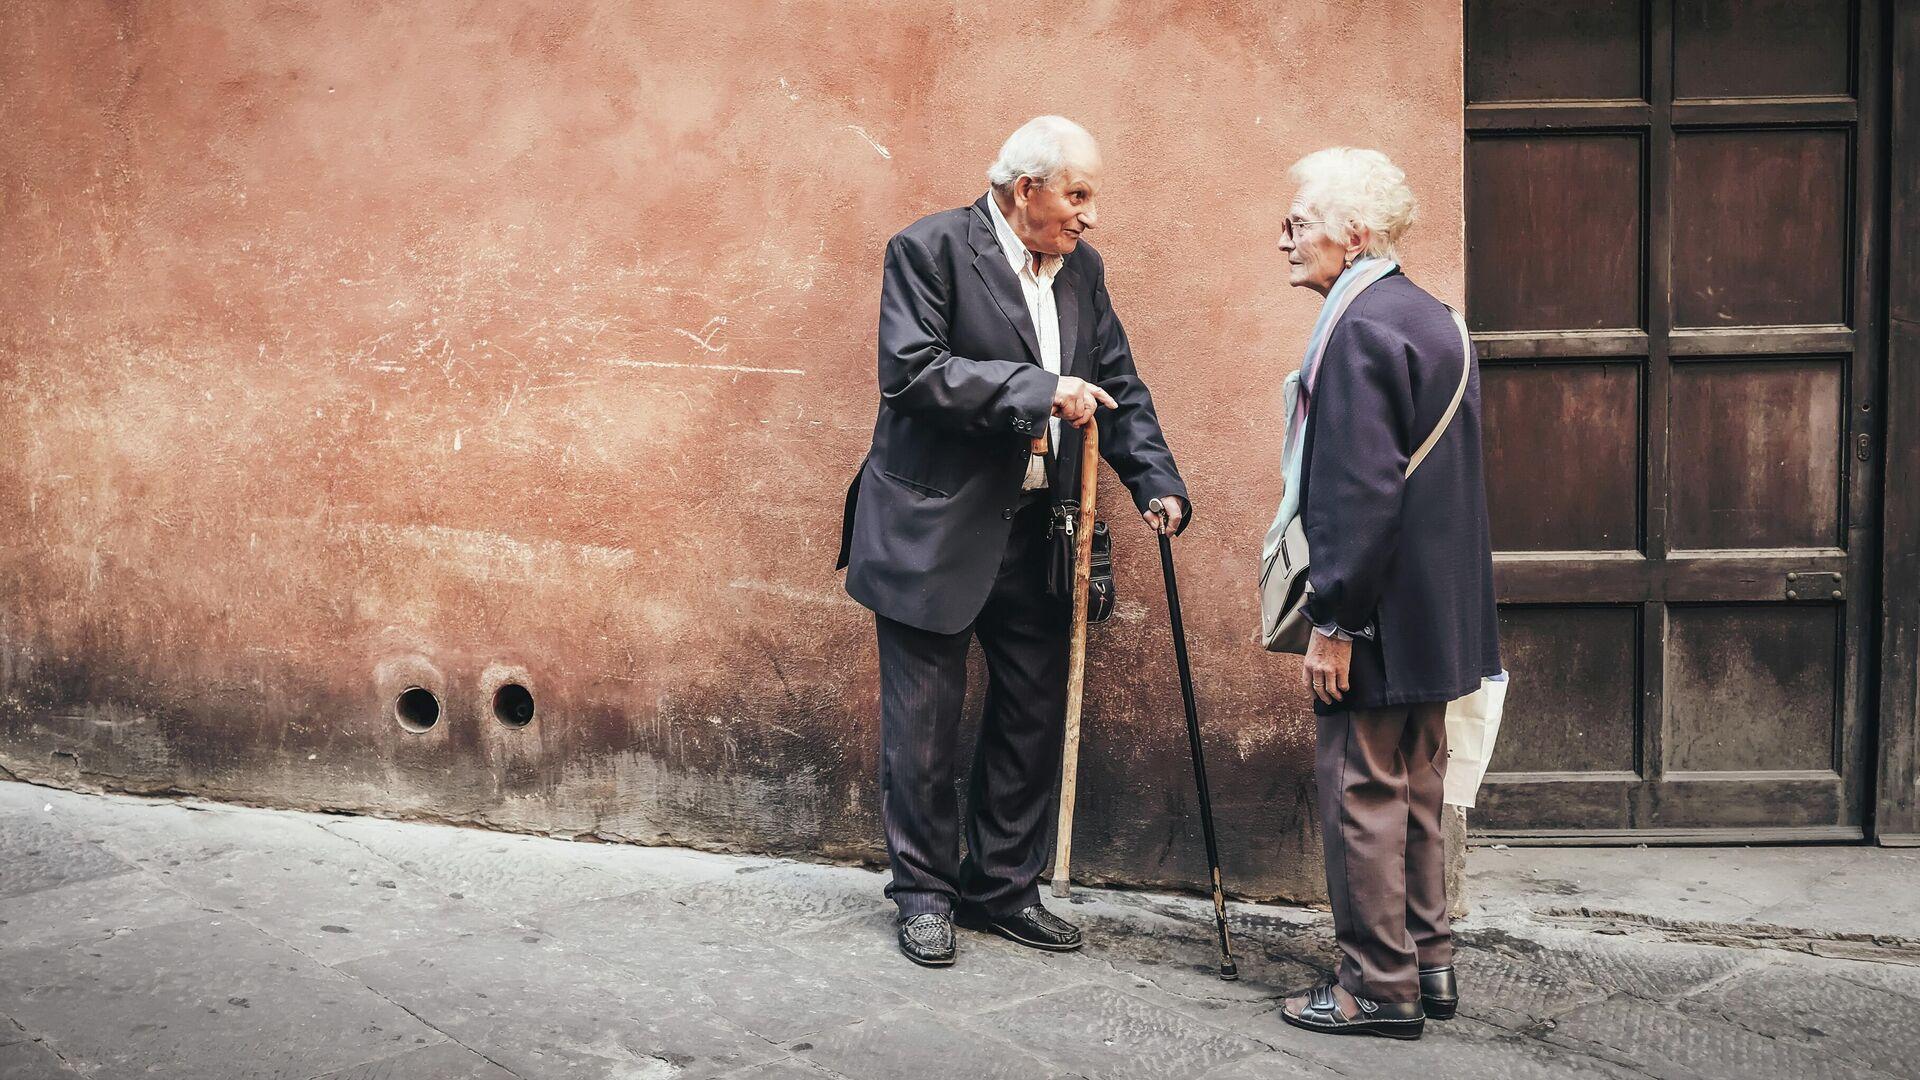 Unas personas mayores en una calle - Sputnik Mundo, 1920, 06.07.2021